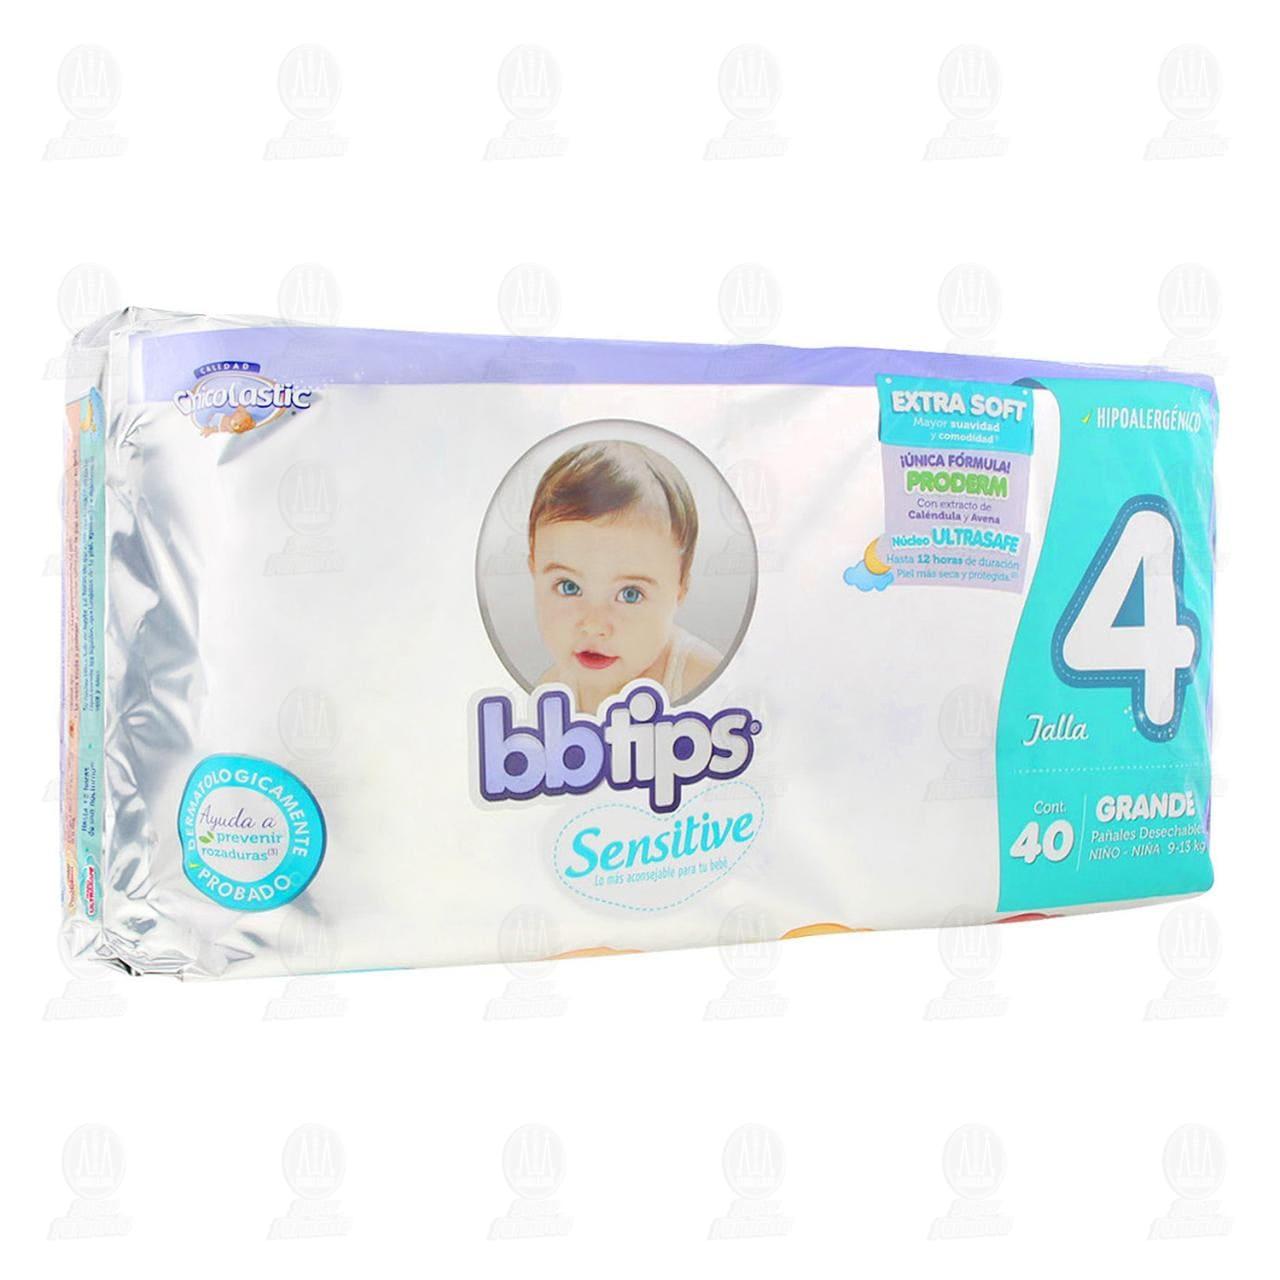 Comprar Pañales para Bebé Bbtips Sensitive Desechables Talla 4 G, 40 pzas. en Farmacias Guadalajara